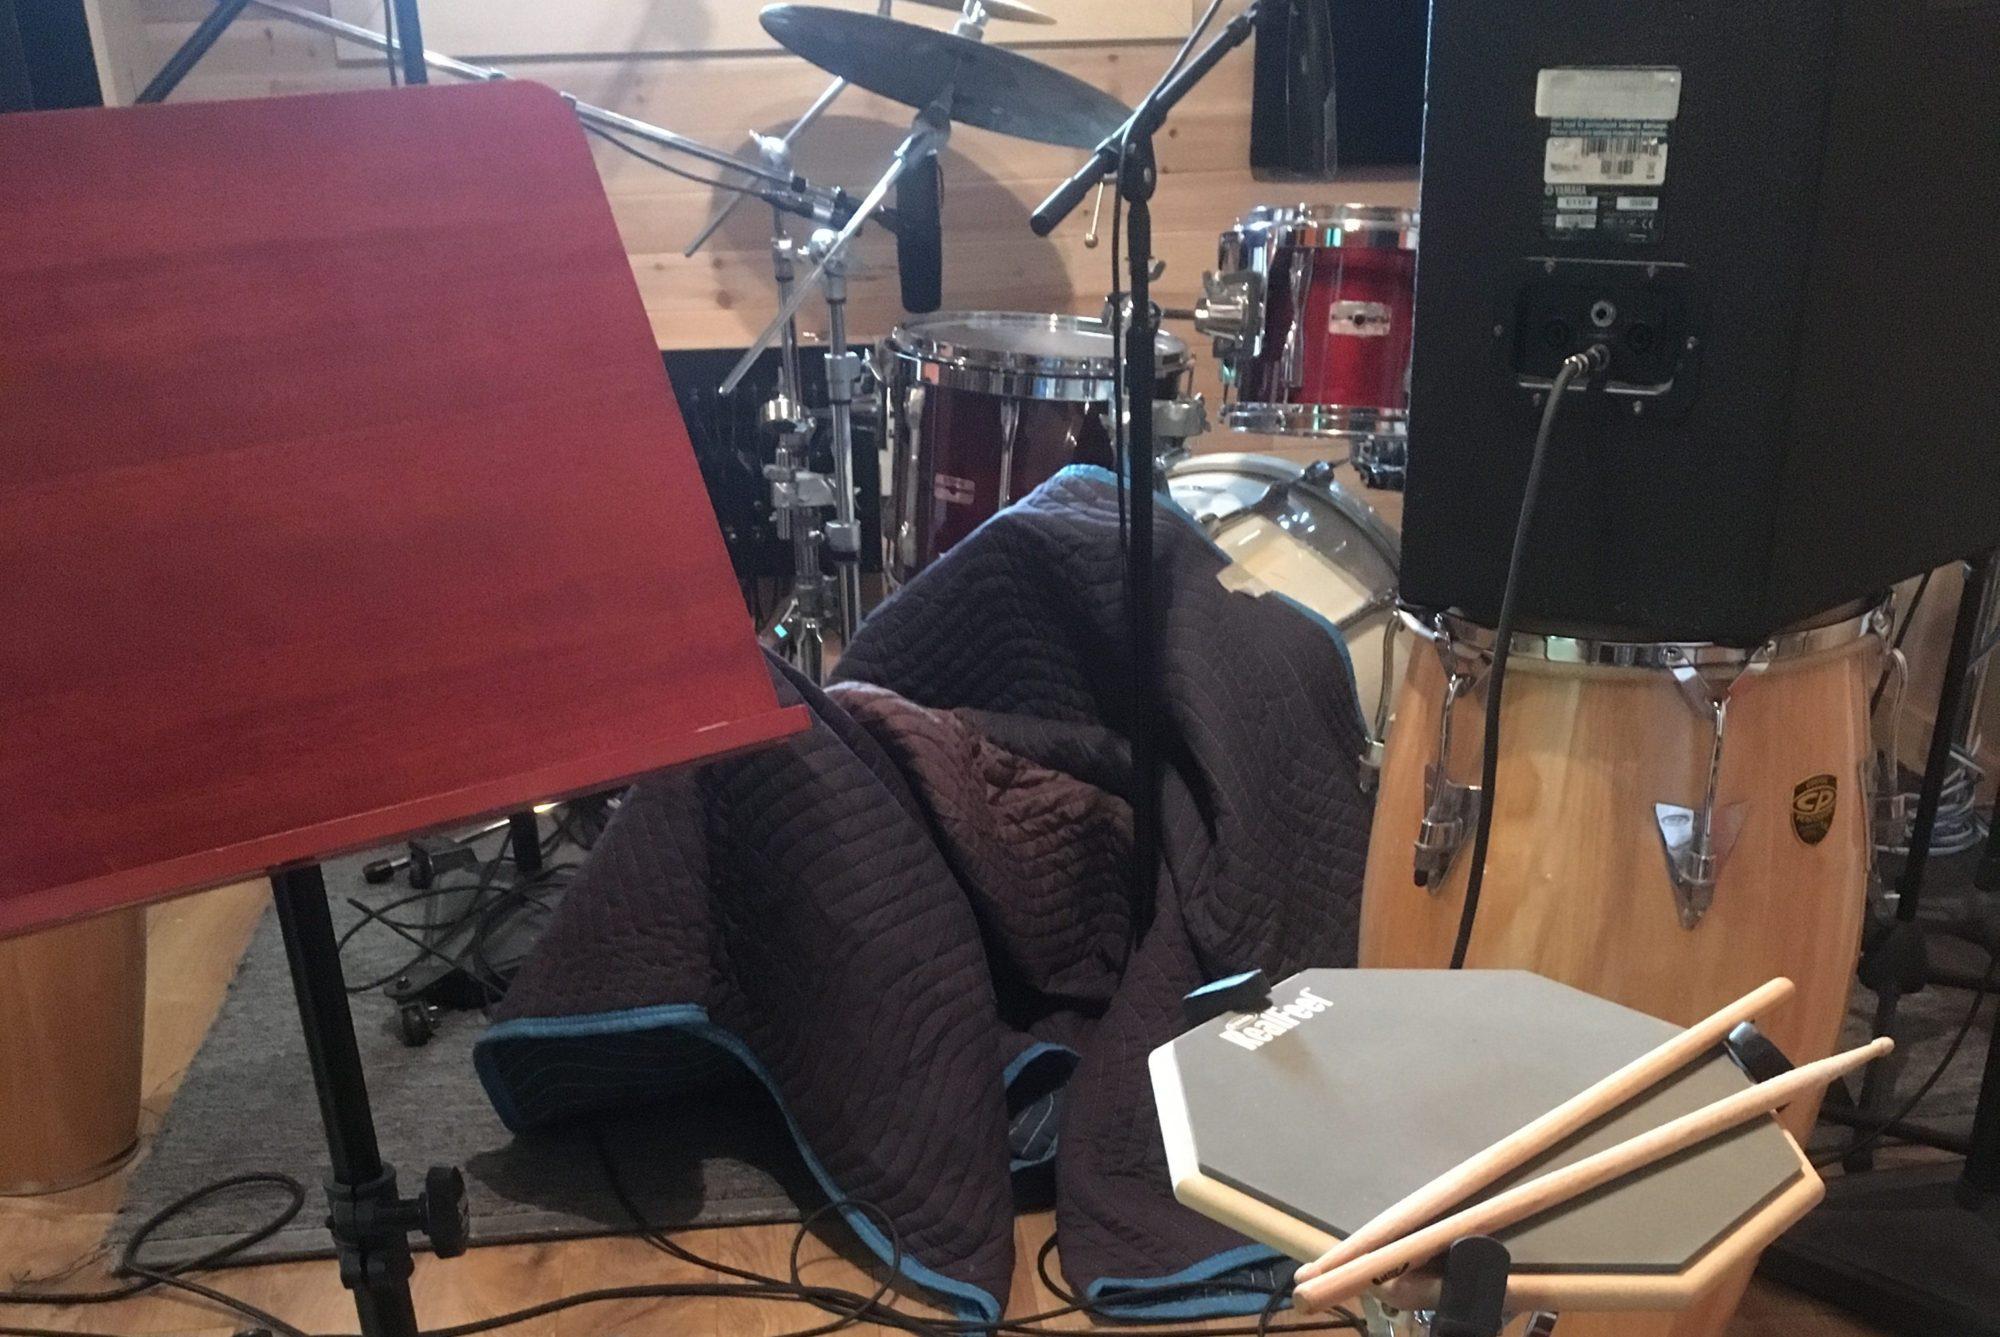 LIC Drum Lessons